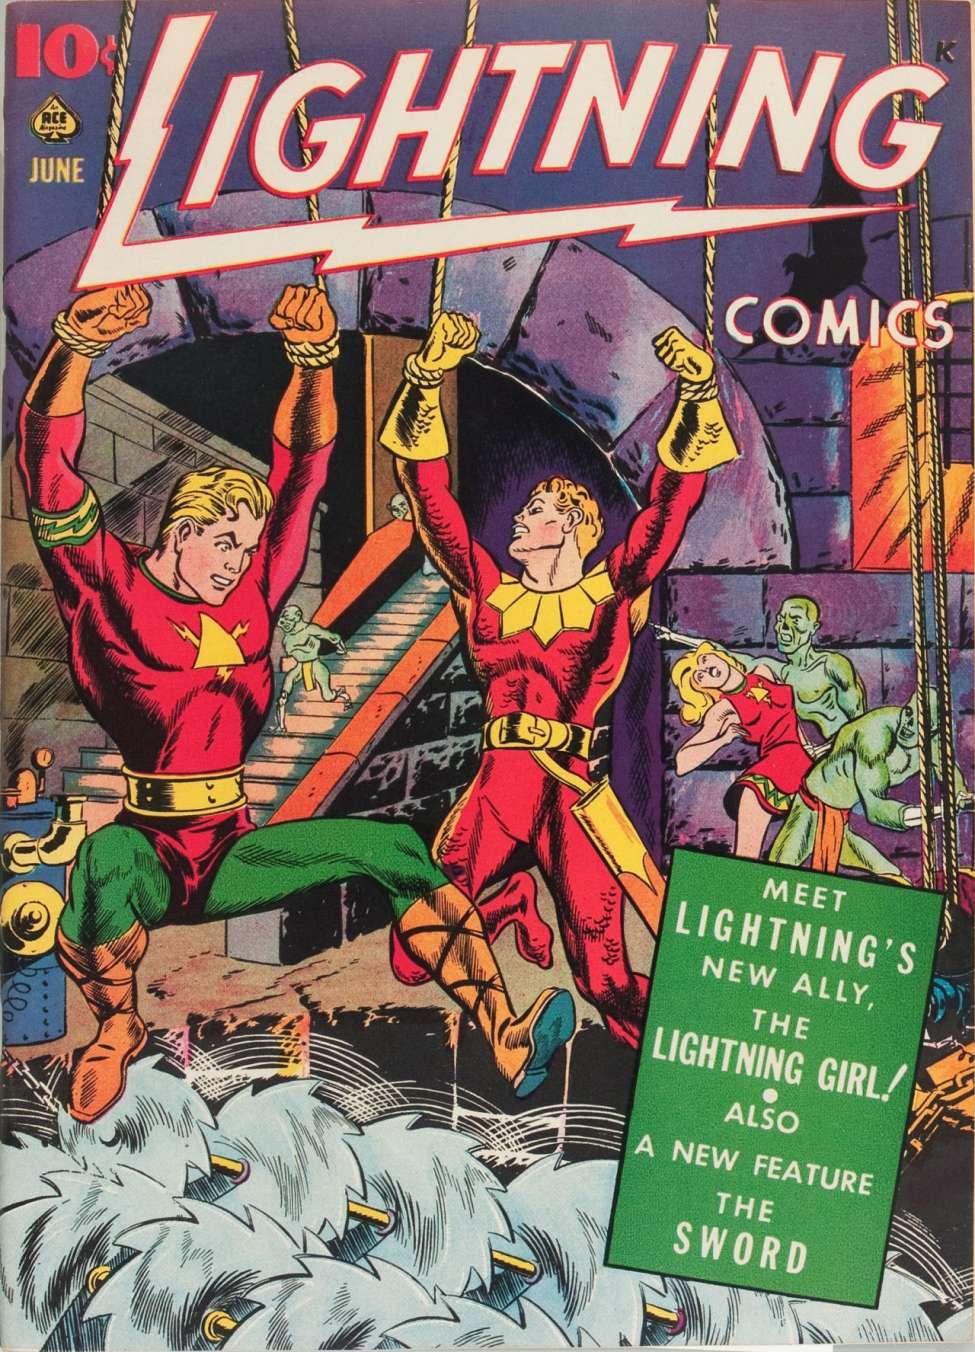 Comic Book Cover For Lightning Comics v3 #1